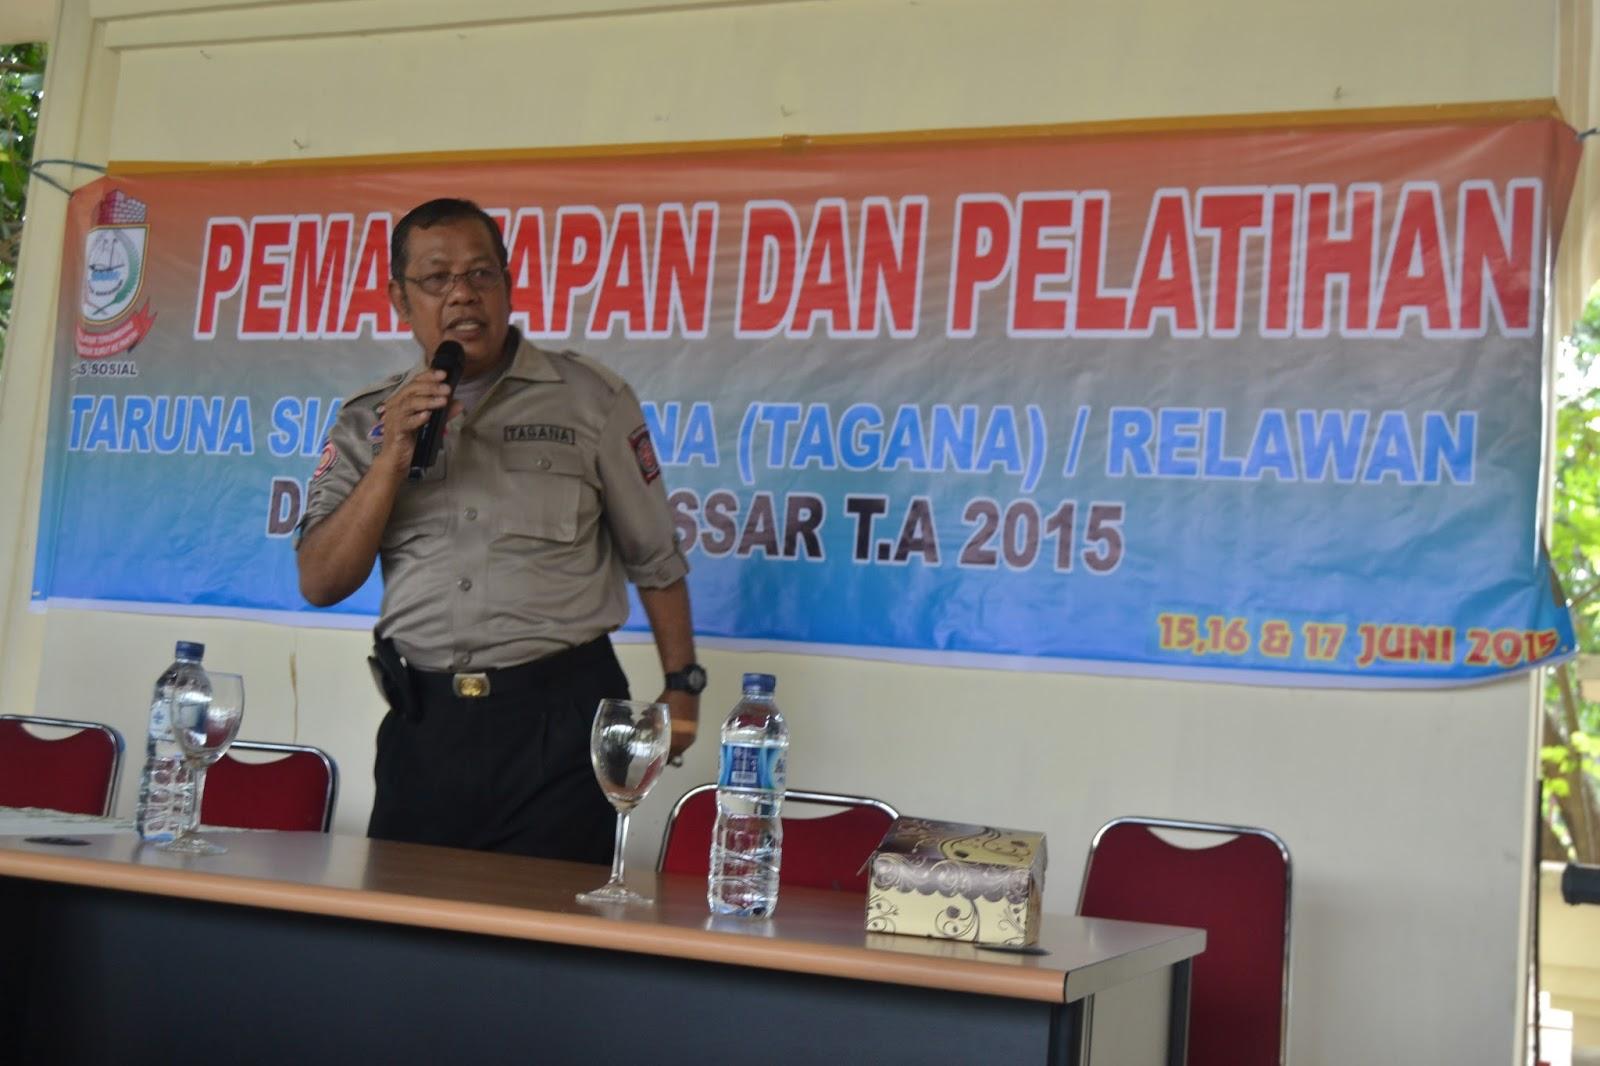 Dinas Sosial Kota Makassar Pemantapan Pelatihan Tagana Mengadakan Pemantapandan Taruna